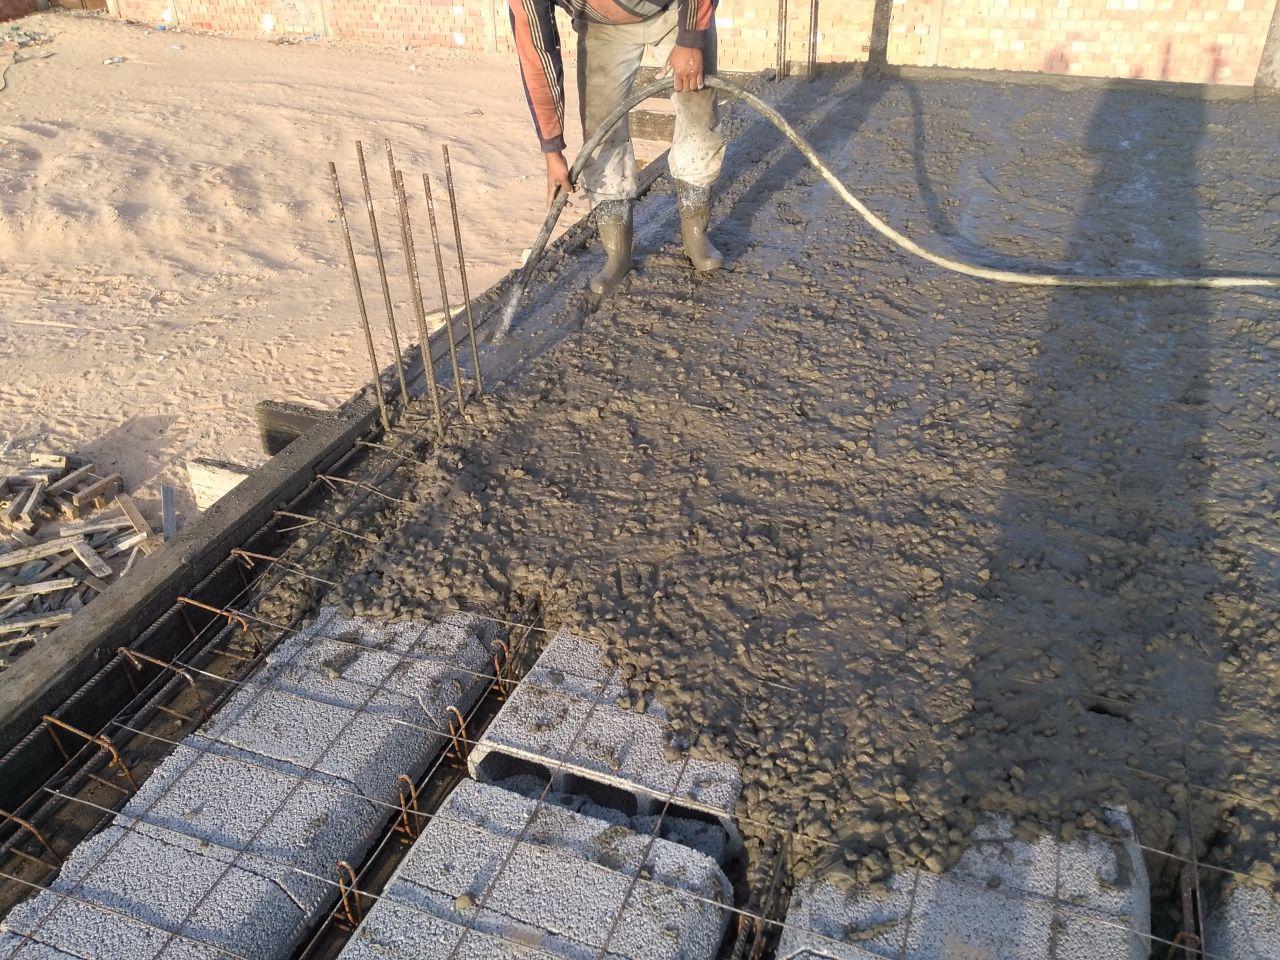 Passage des poutres et poutrelles au vibreur pour que le béton descende bien sous le ferraillage.